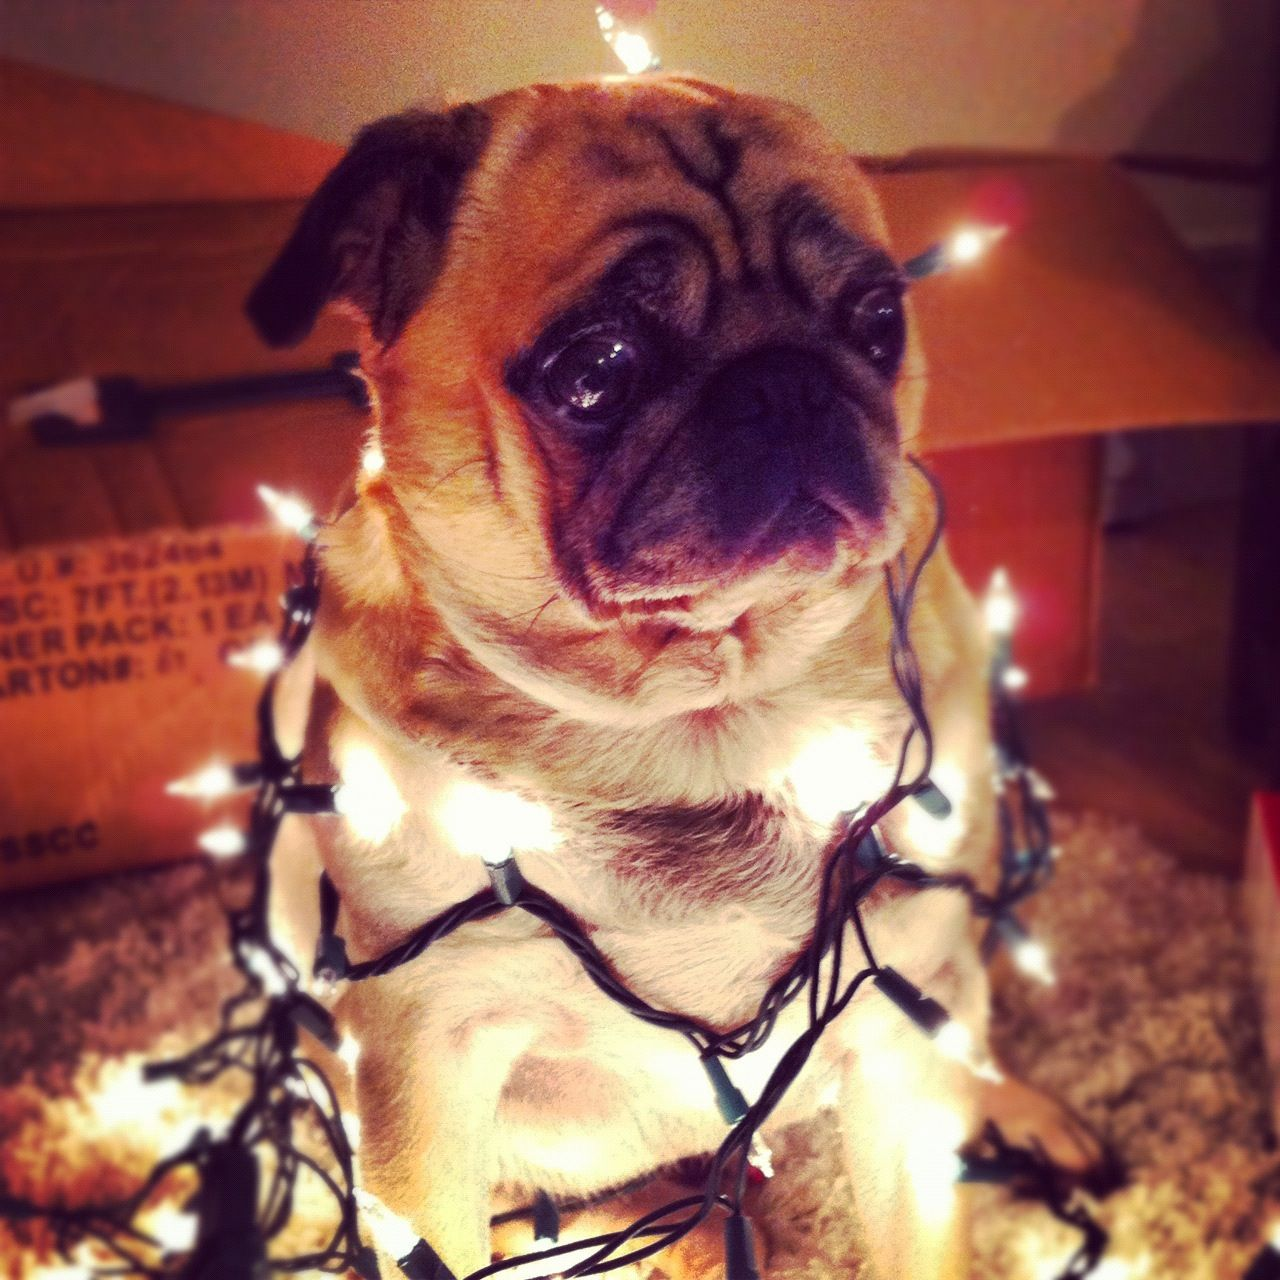 Christmas Pug Cute Pugs Cute Baby Pugs Pugs